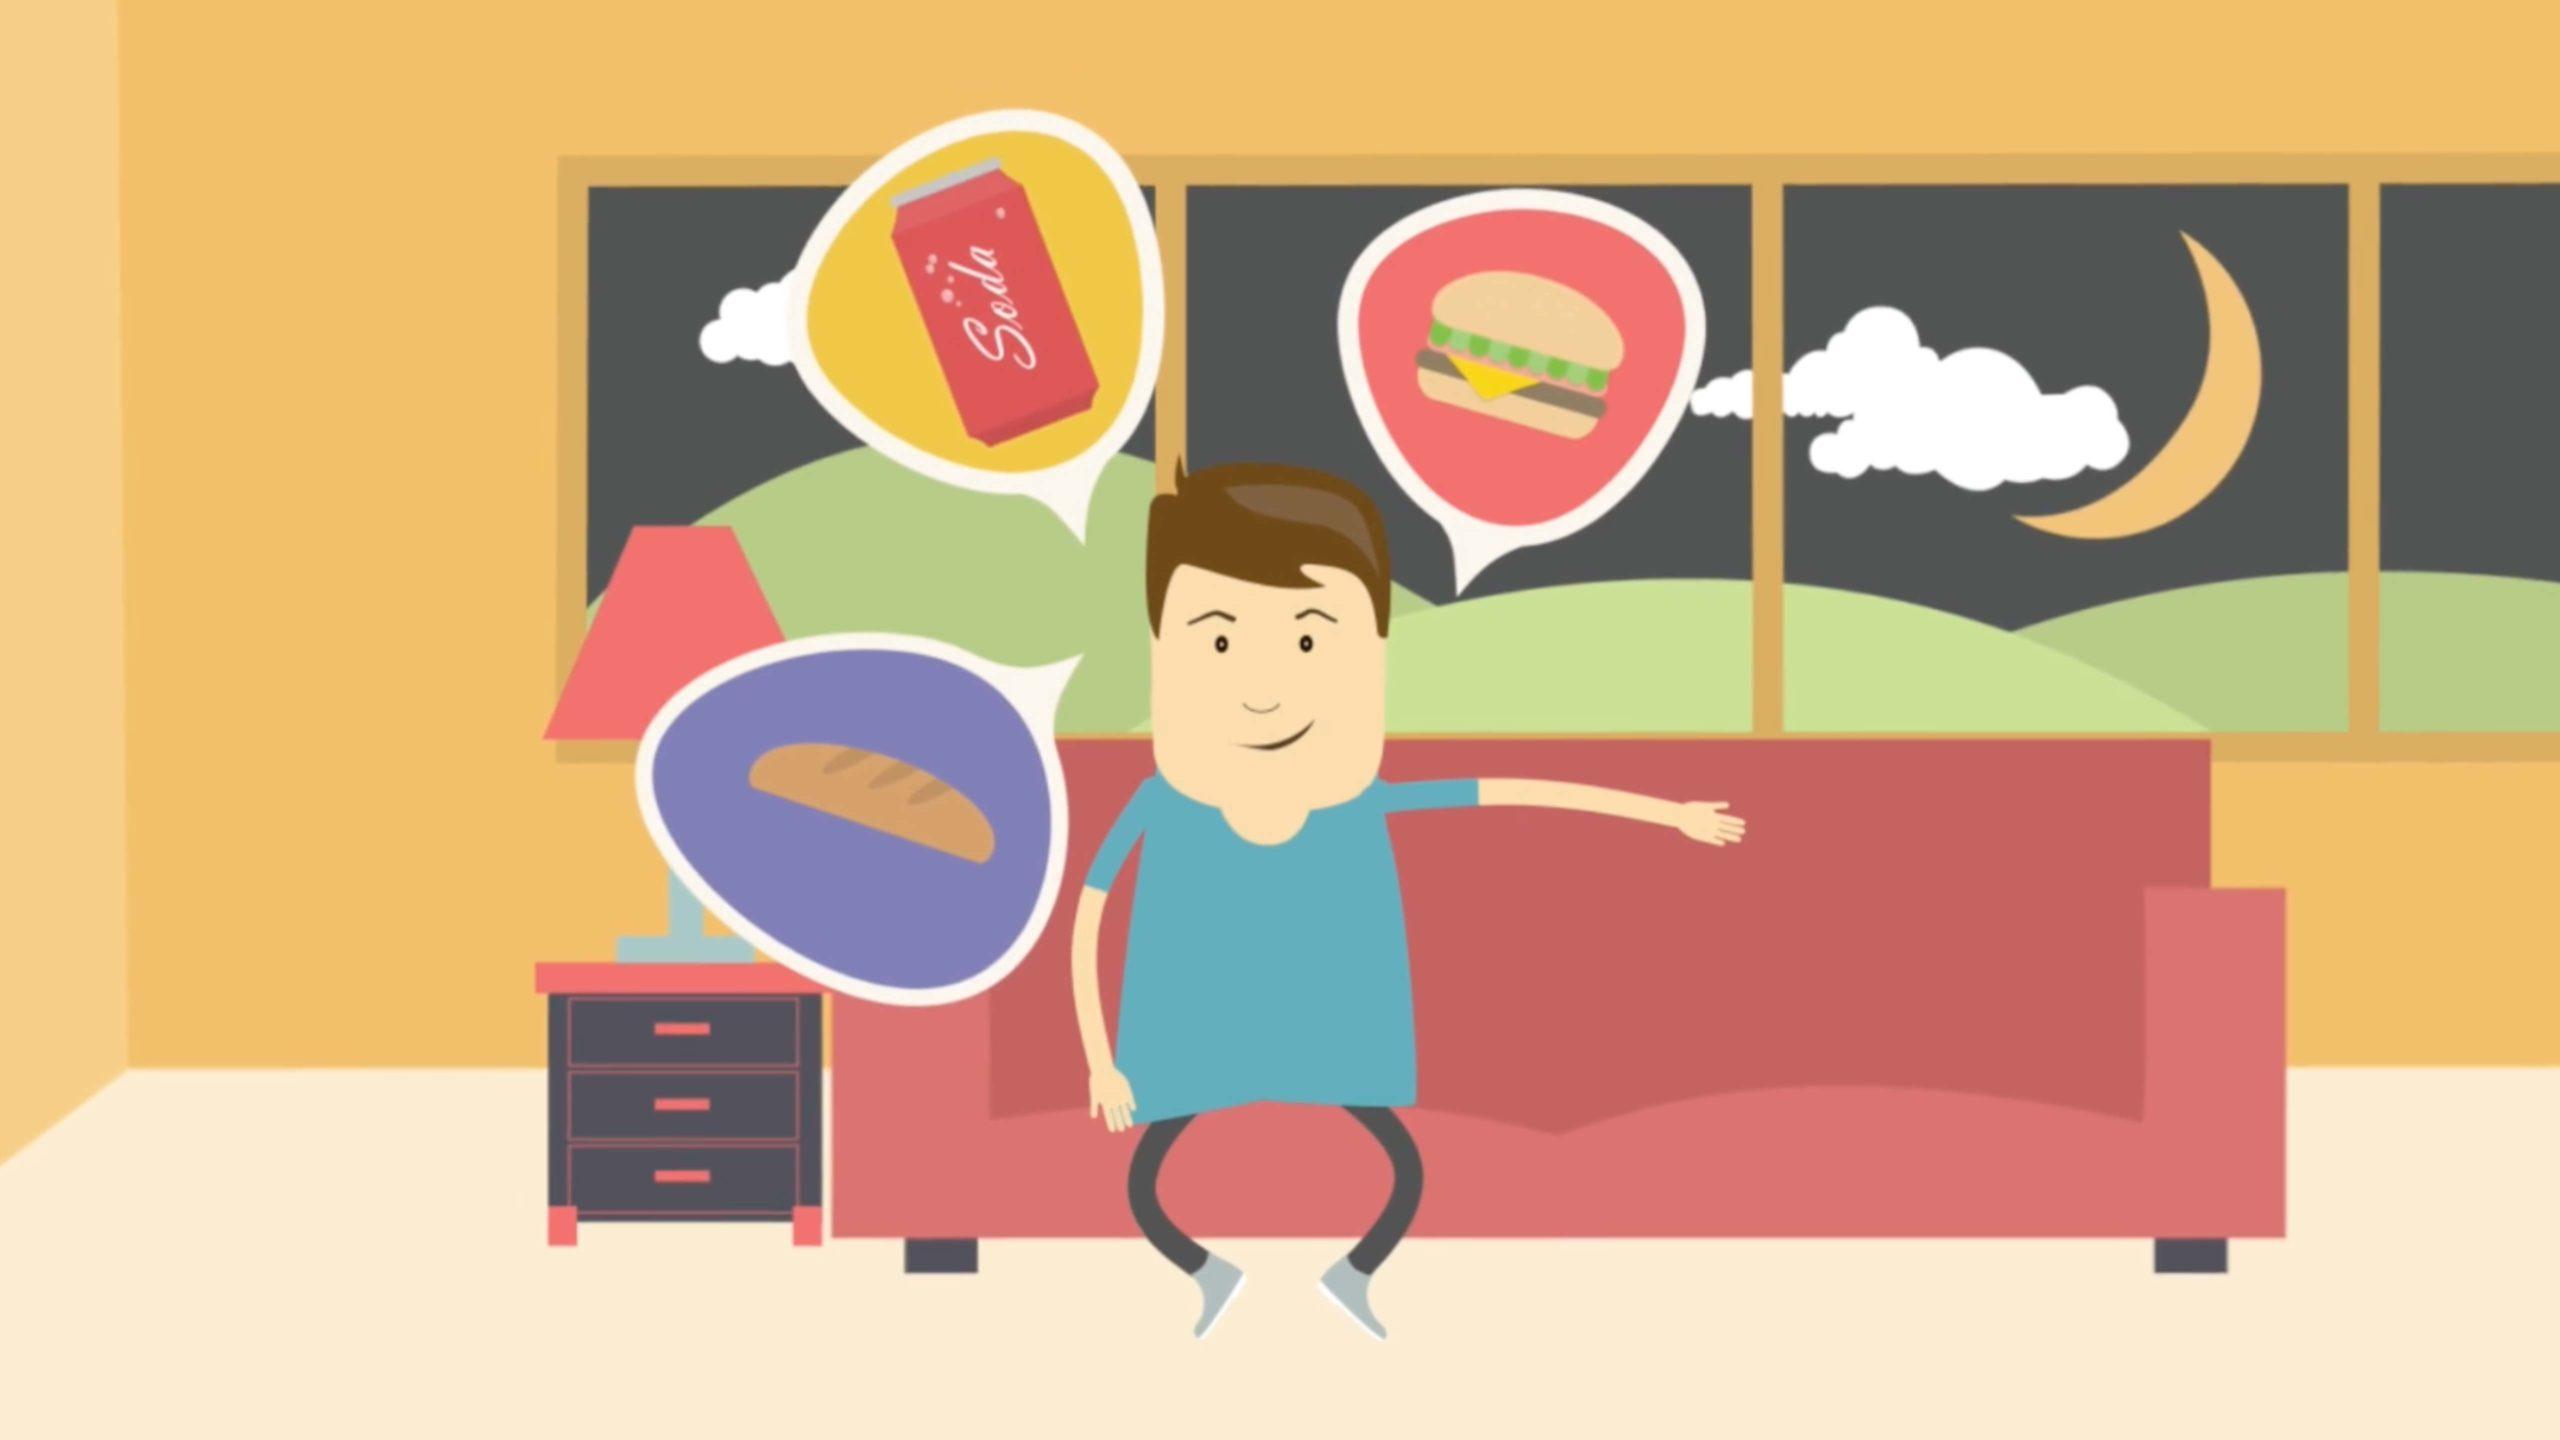 סרטון תדמית עבור דיאטנית קלינית ומנטורית מובילה לאורח חיים בריא ושמירה על תזונה נכונה